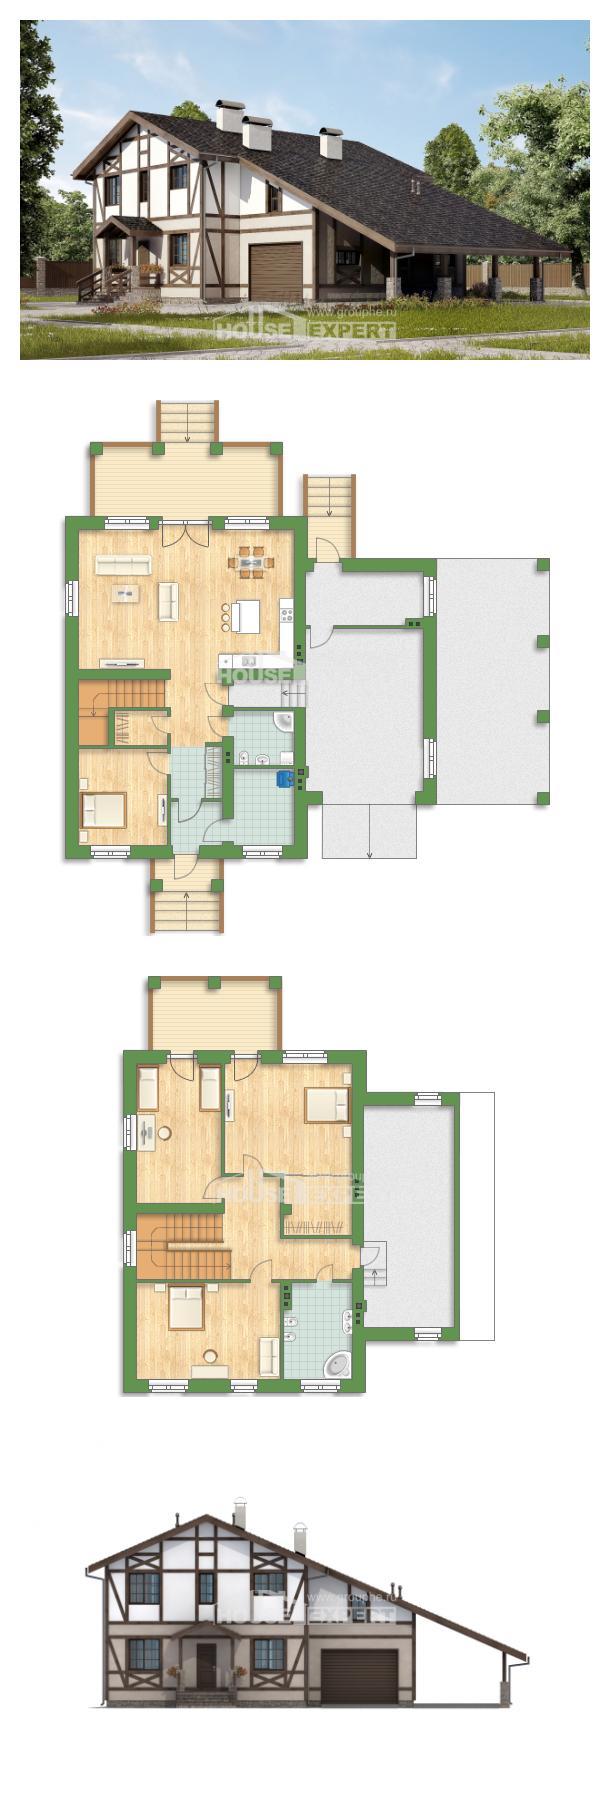 Plan 250-002-R | House Expert